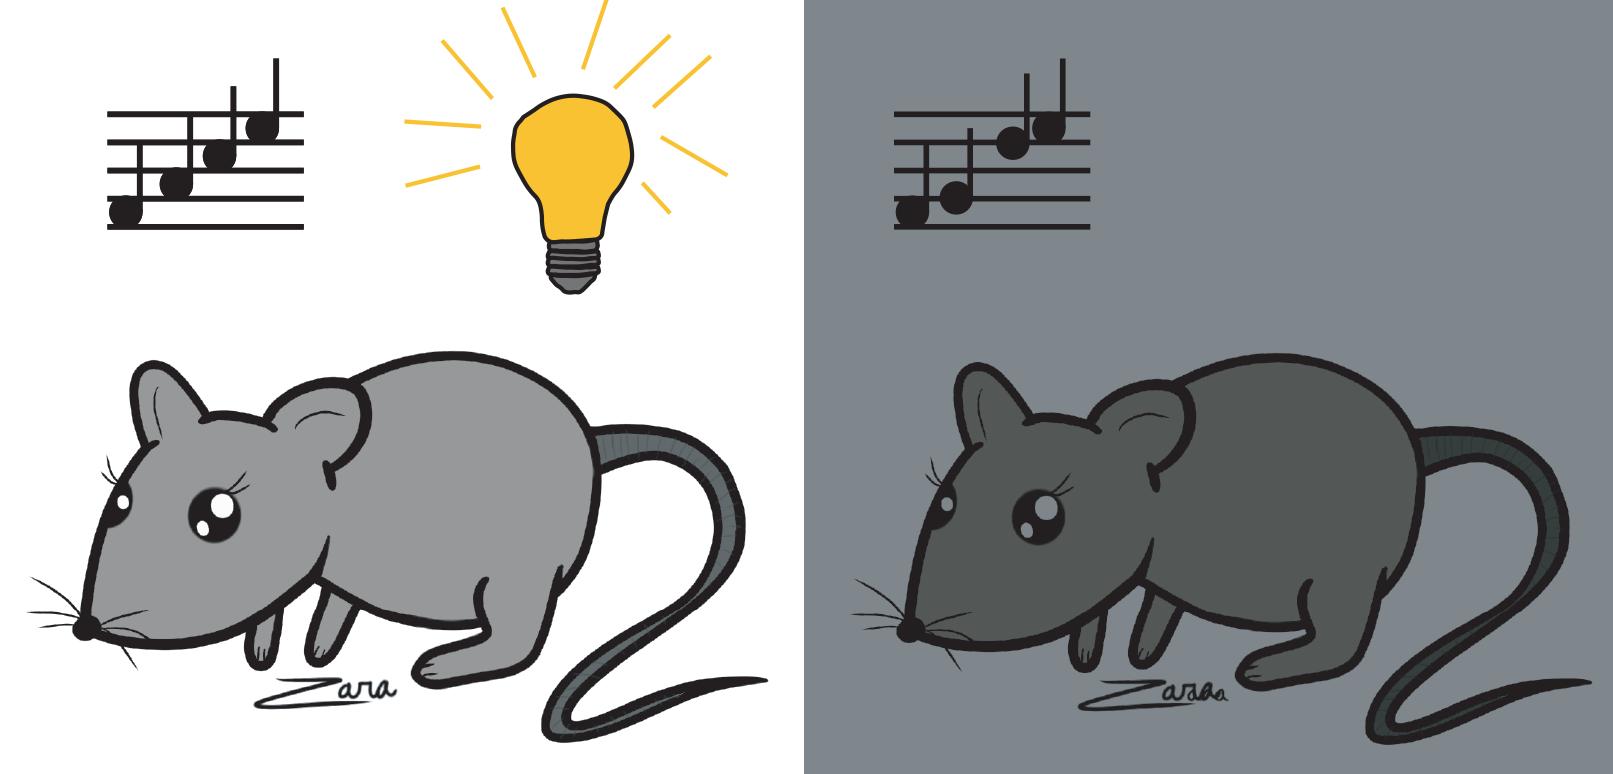 Втемноте мыши стали лучше слышать.